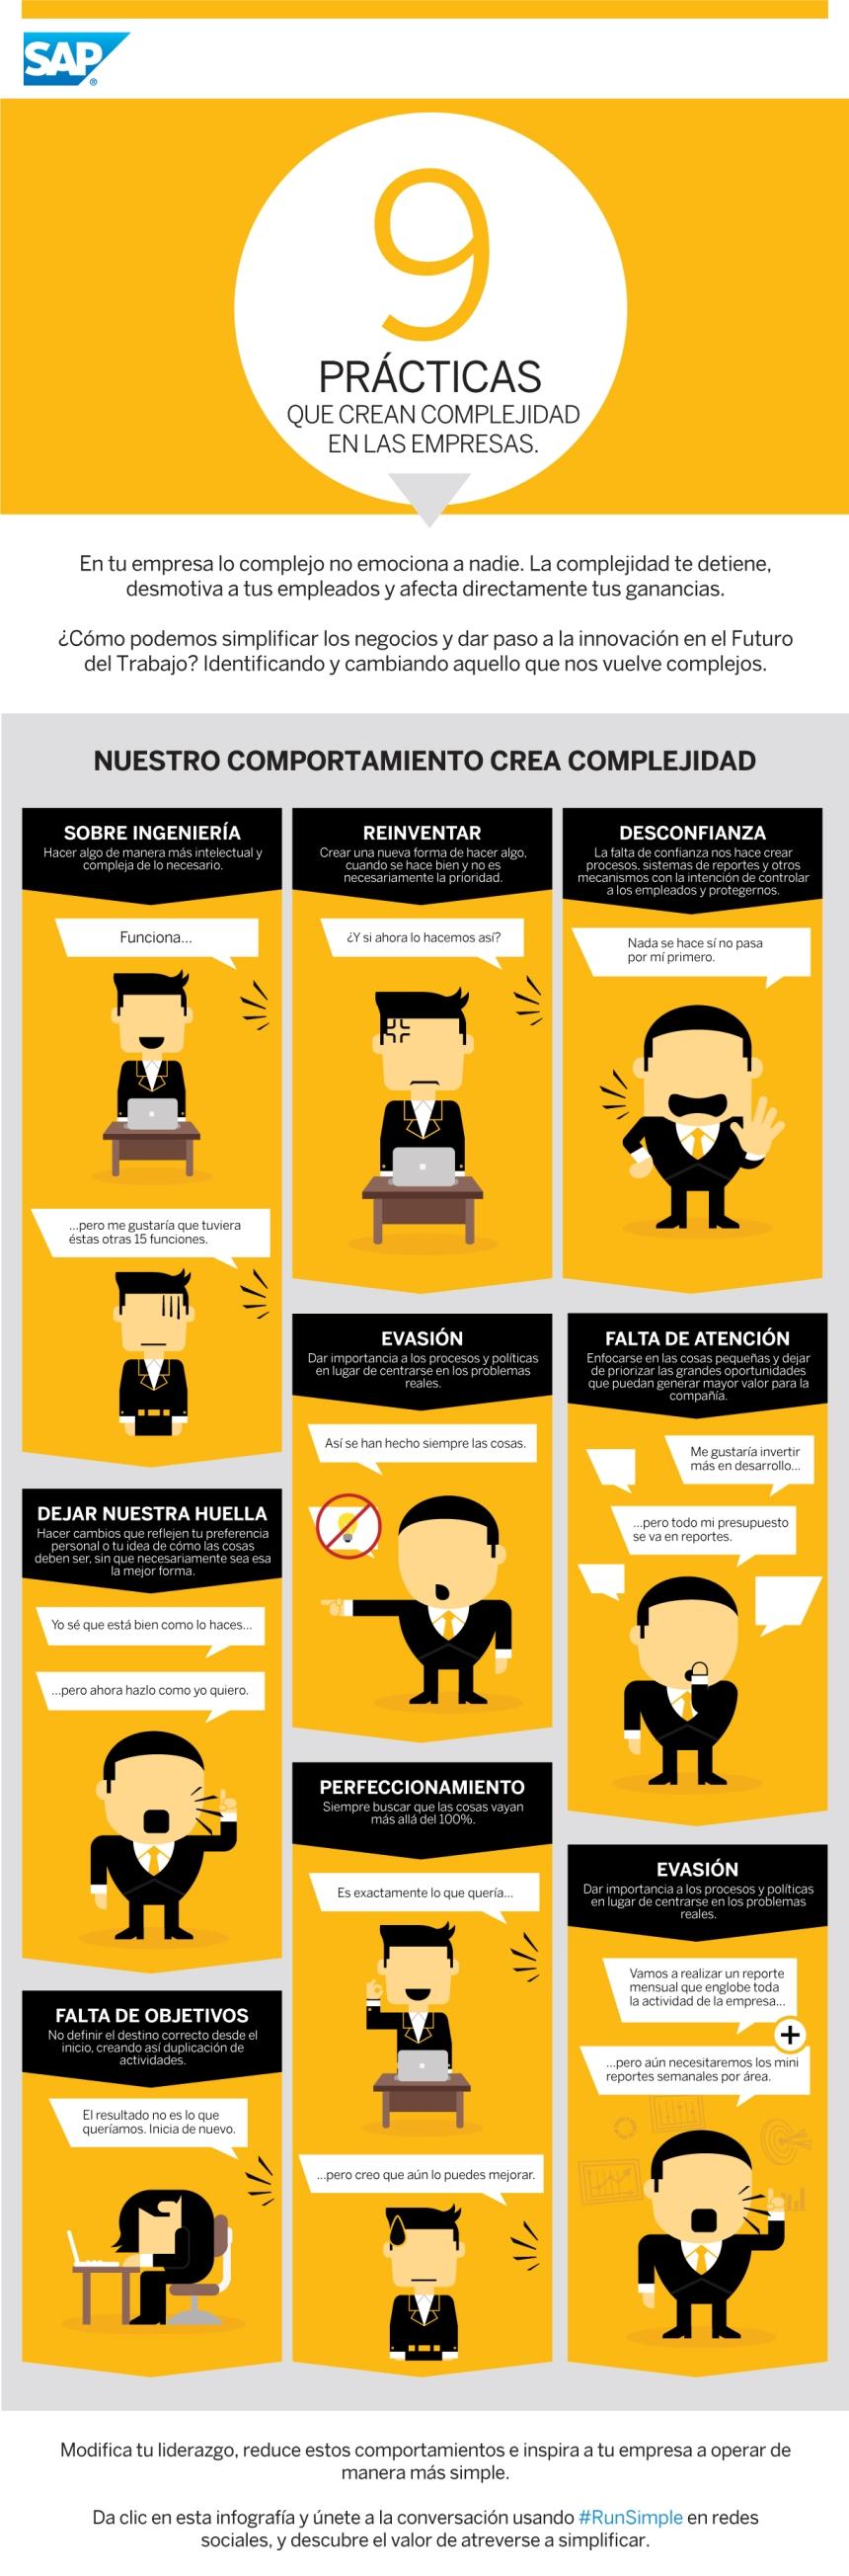 9 prácticas que crean complejidad en las empresas